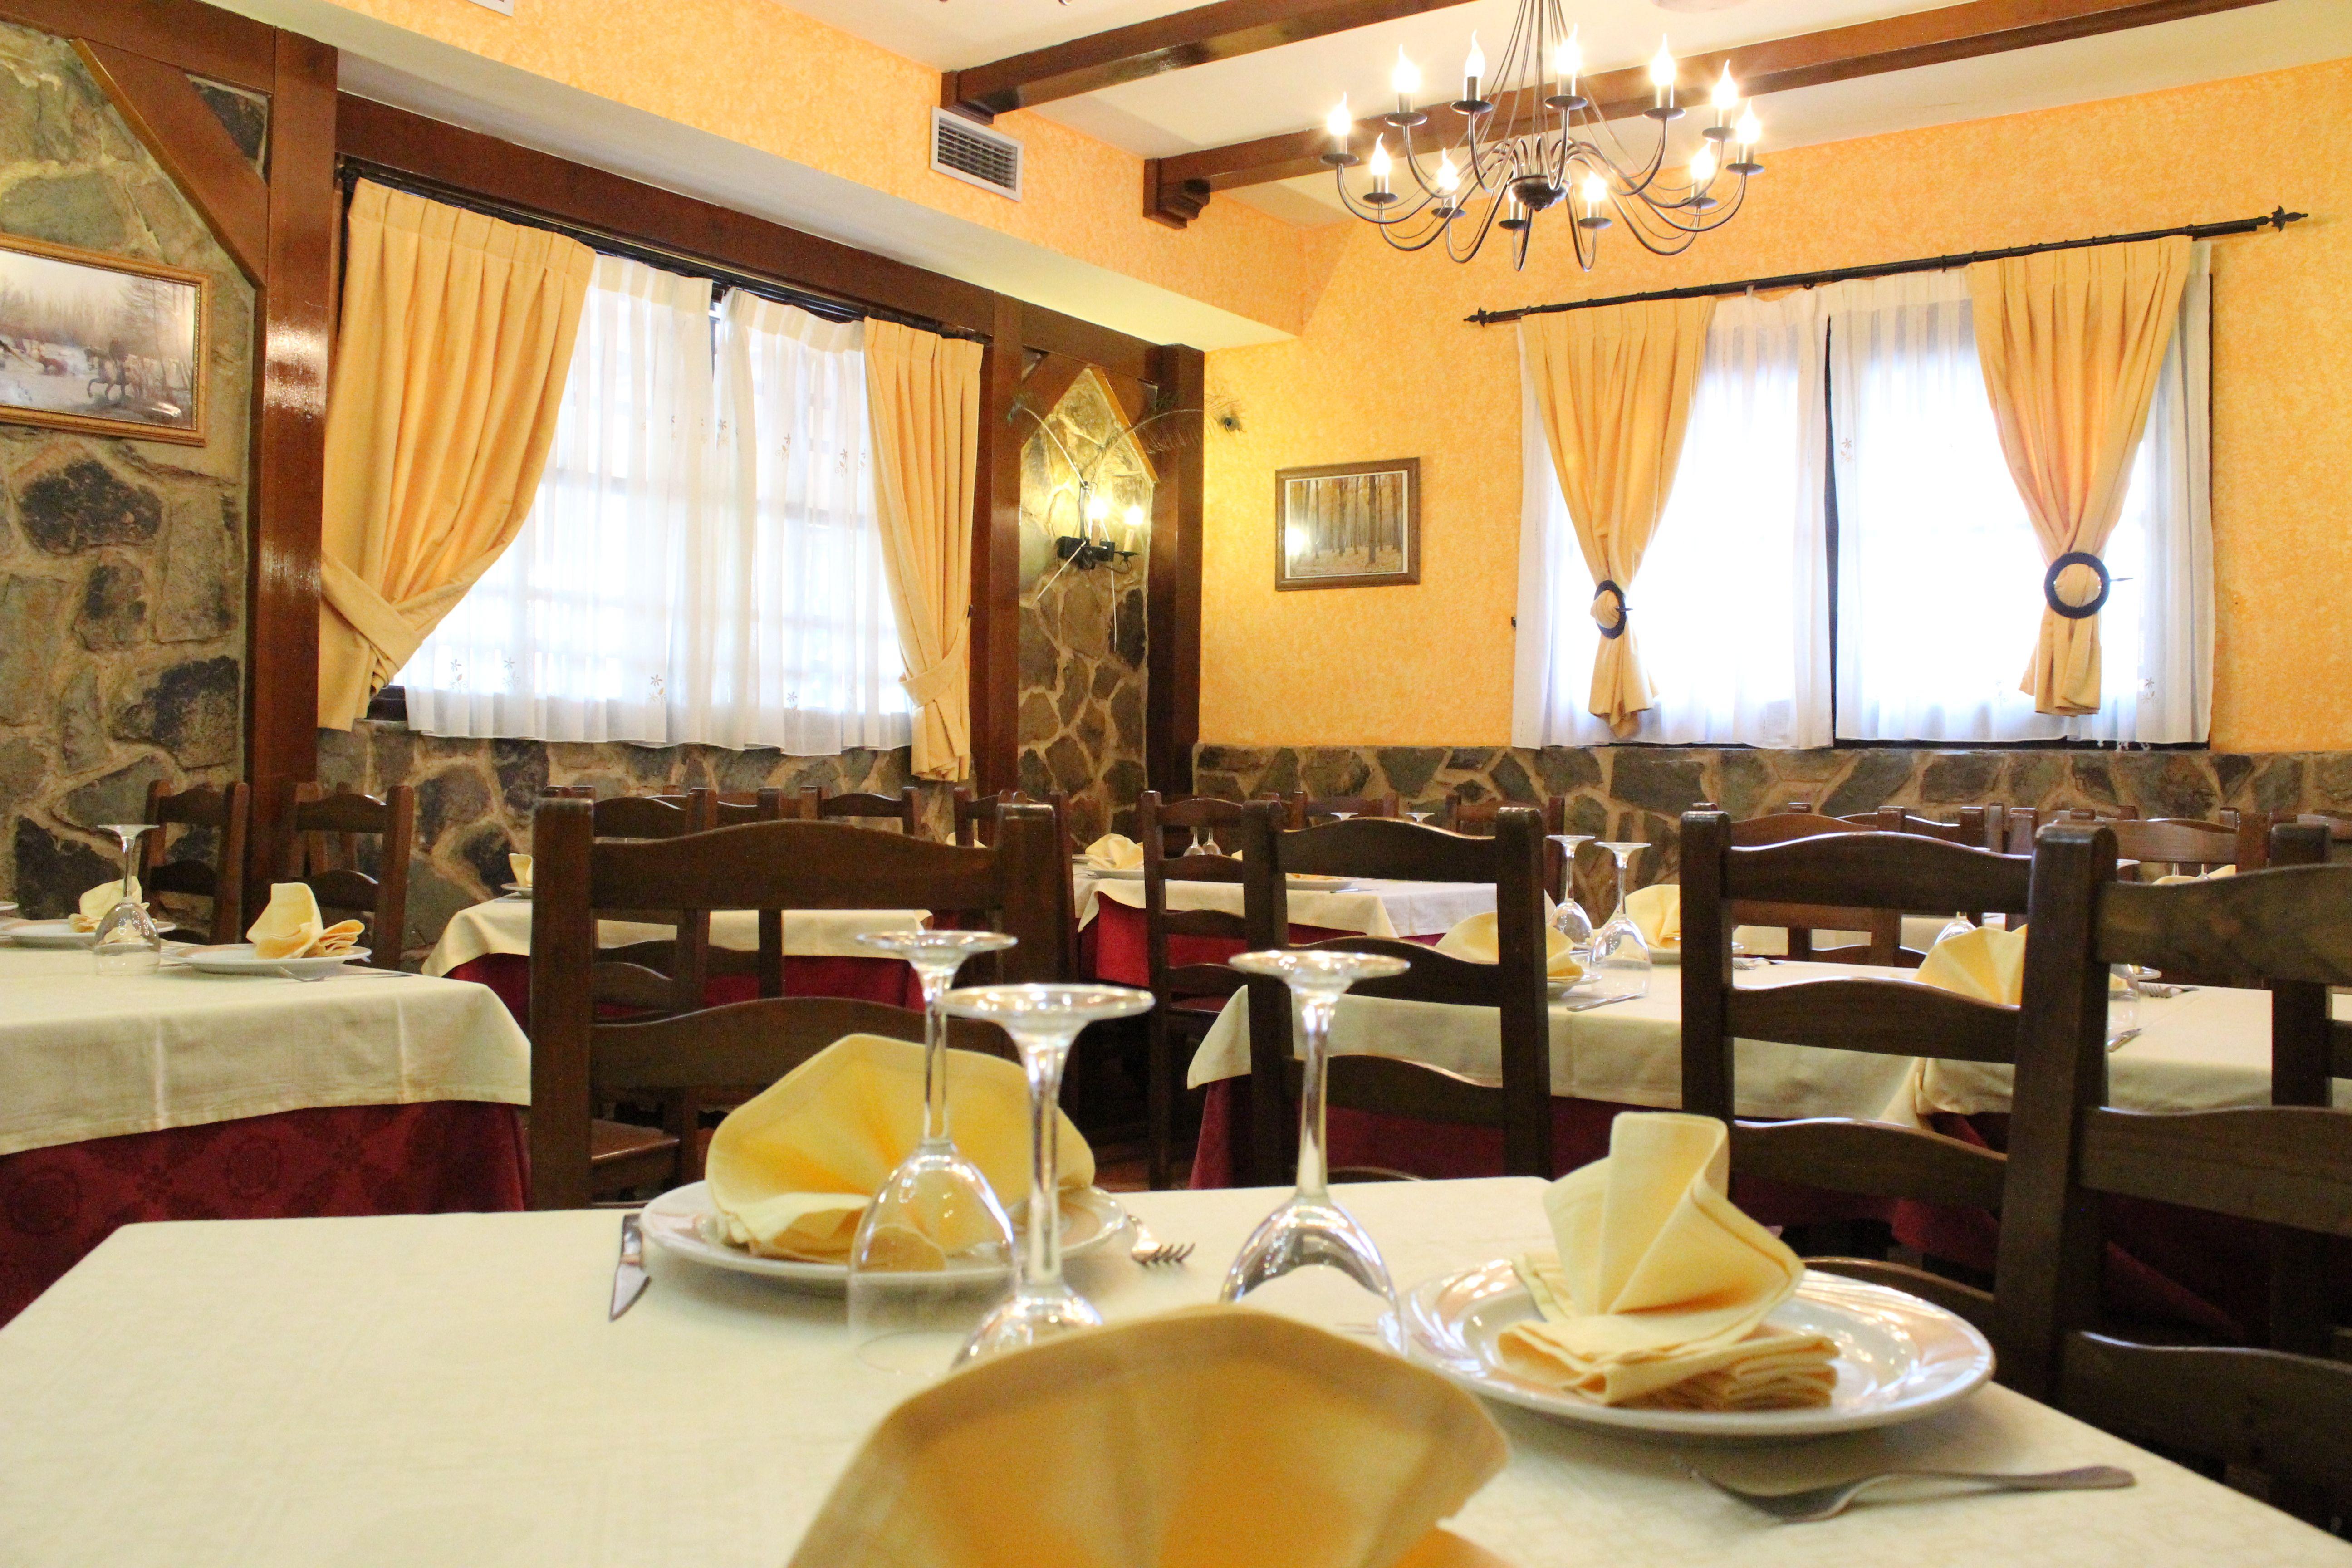 Foto 4 de Asadores en Madrid | Restaurante Terraza La Parrilla de Valdemoro